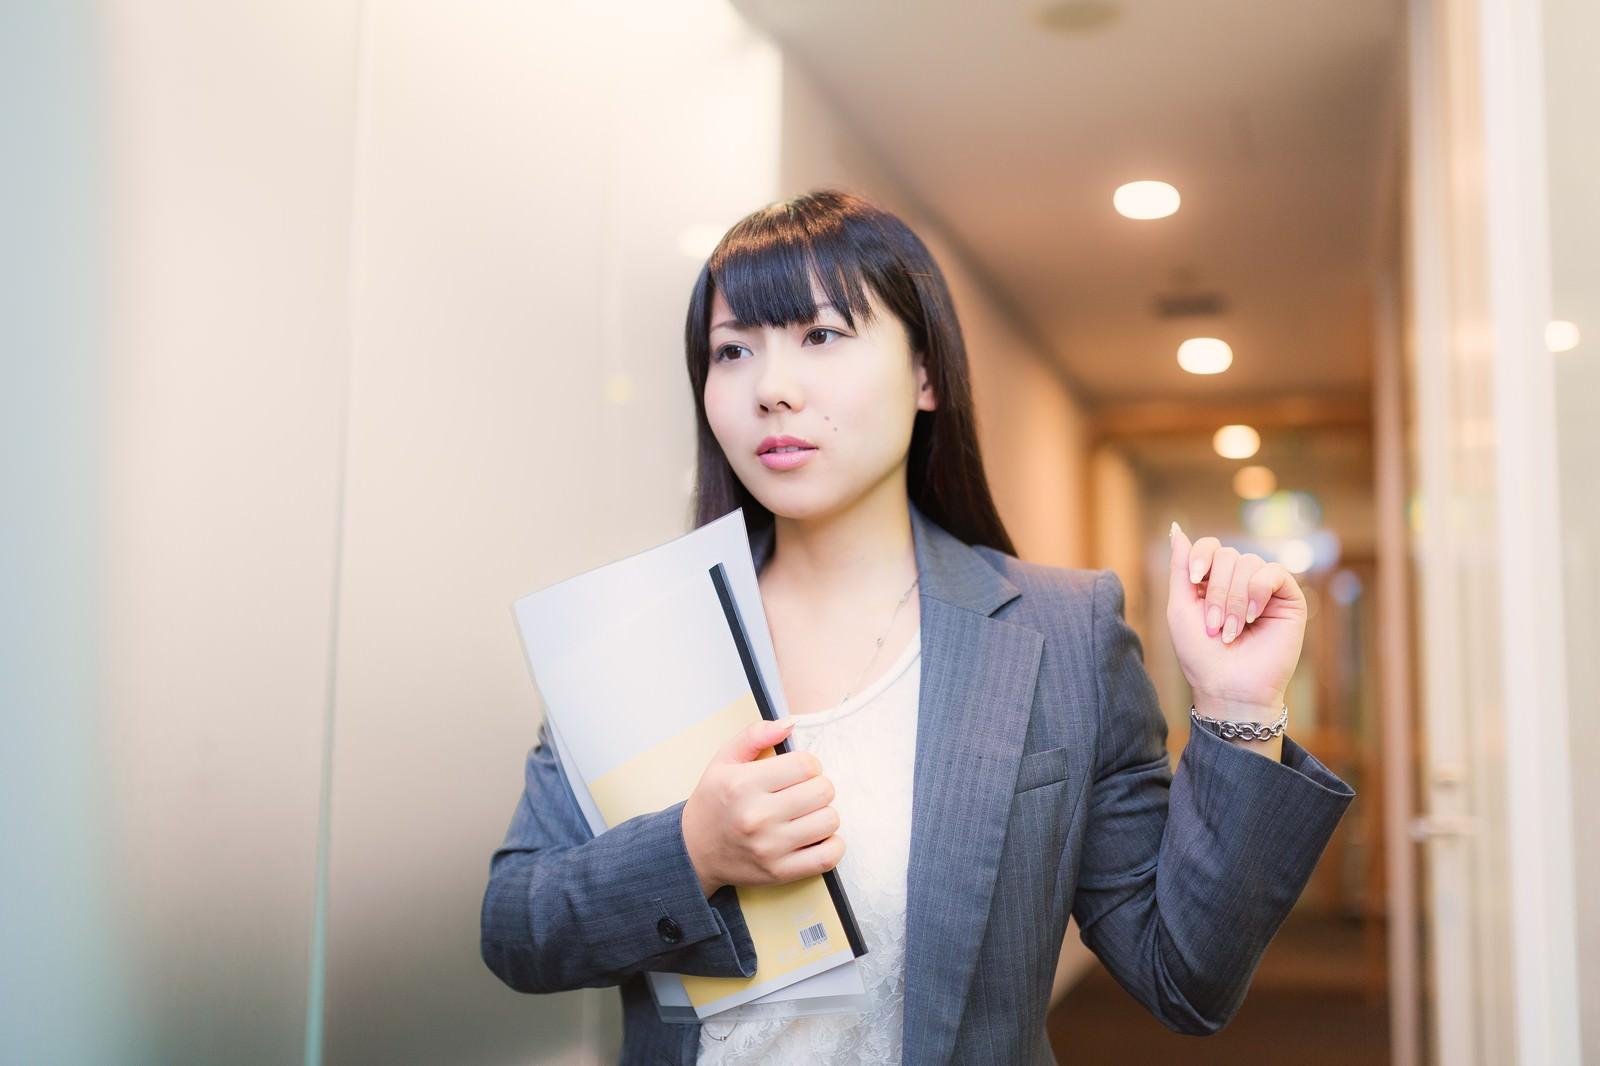 「資料を抱え会議室に向かう女性社員」の写真[モデル:Lala]